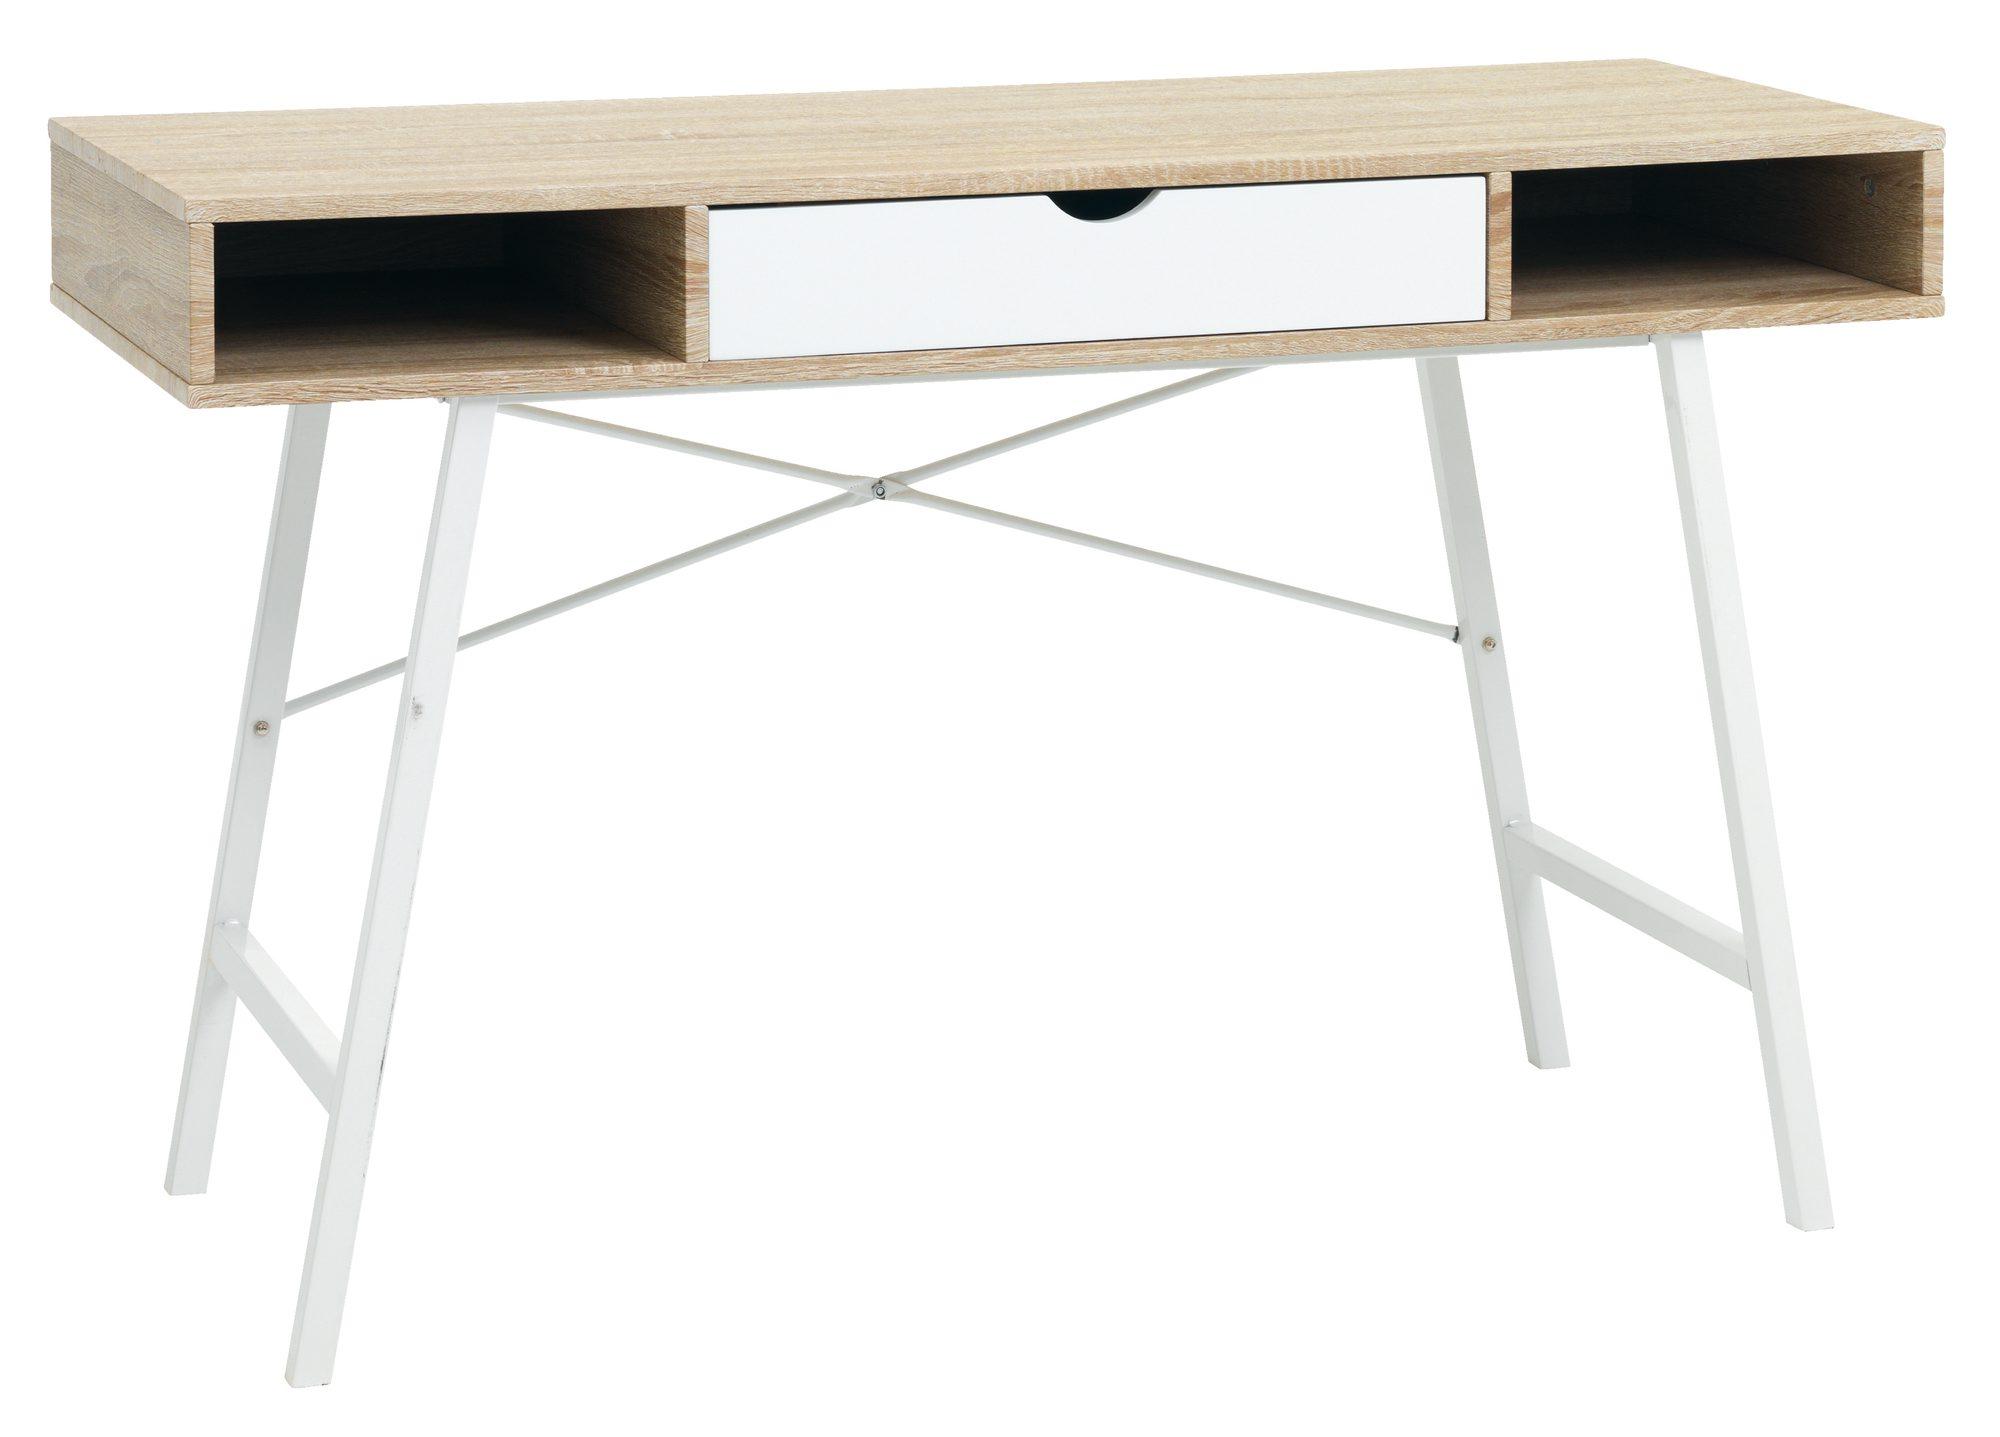 Skrivebord/konsollbord, b 120 x d 48 x h 76 cm, kr 799, Jysk.